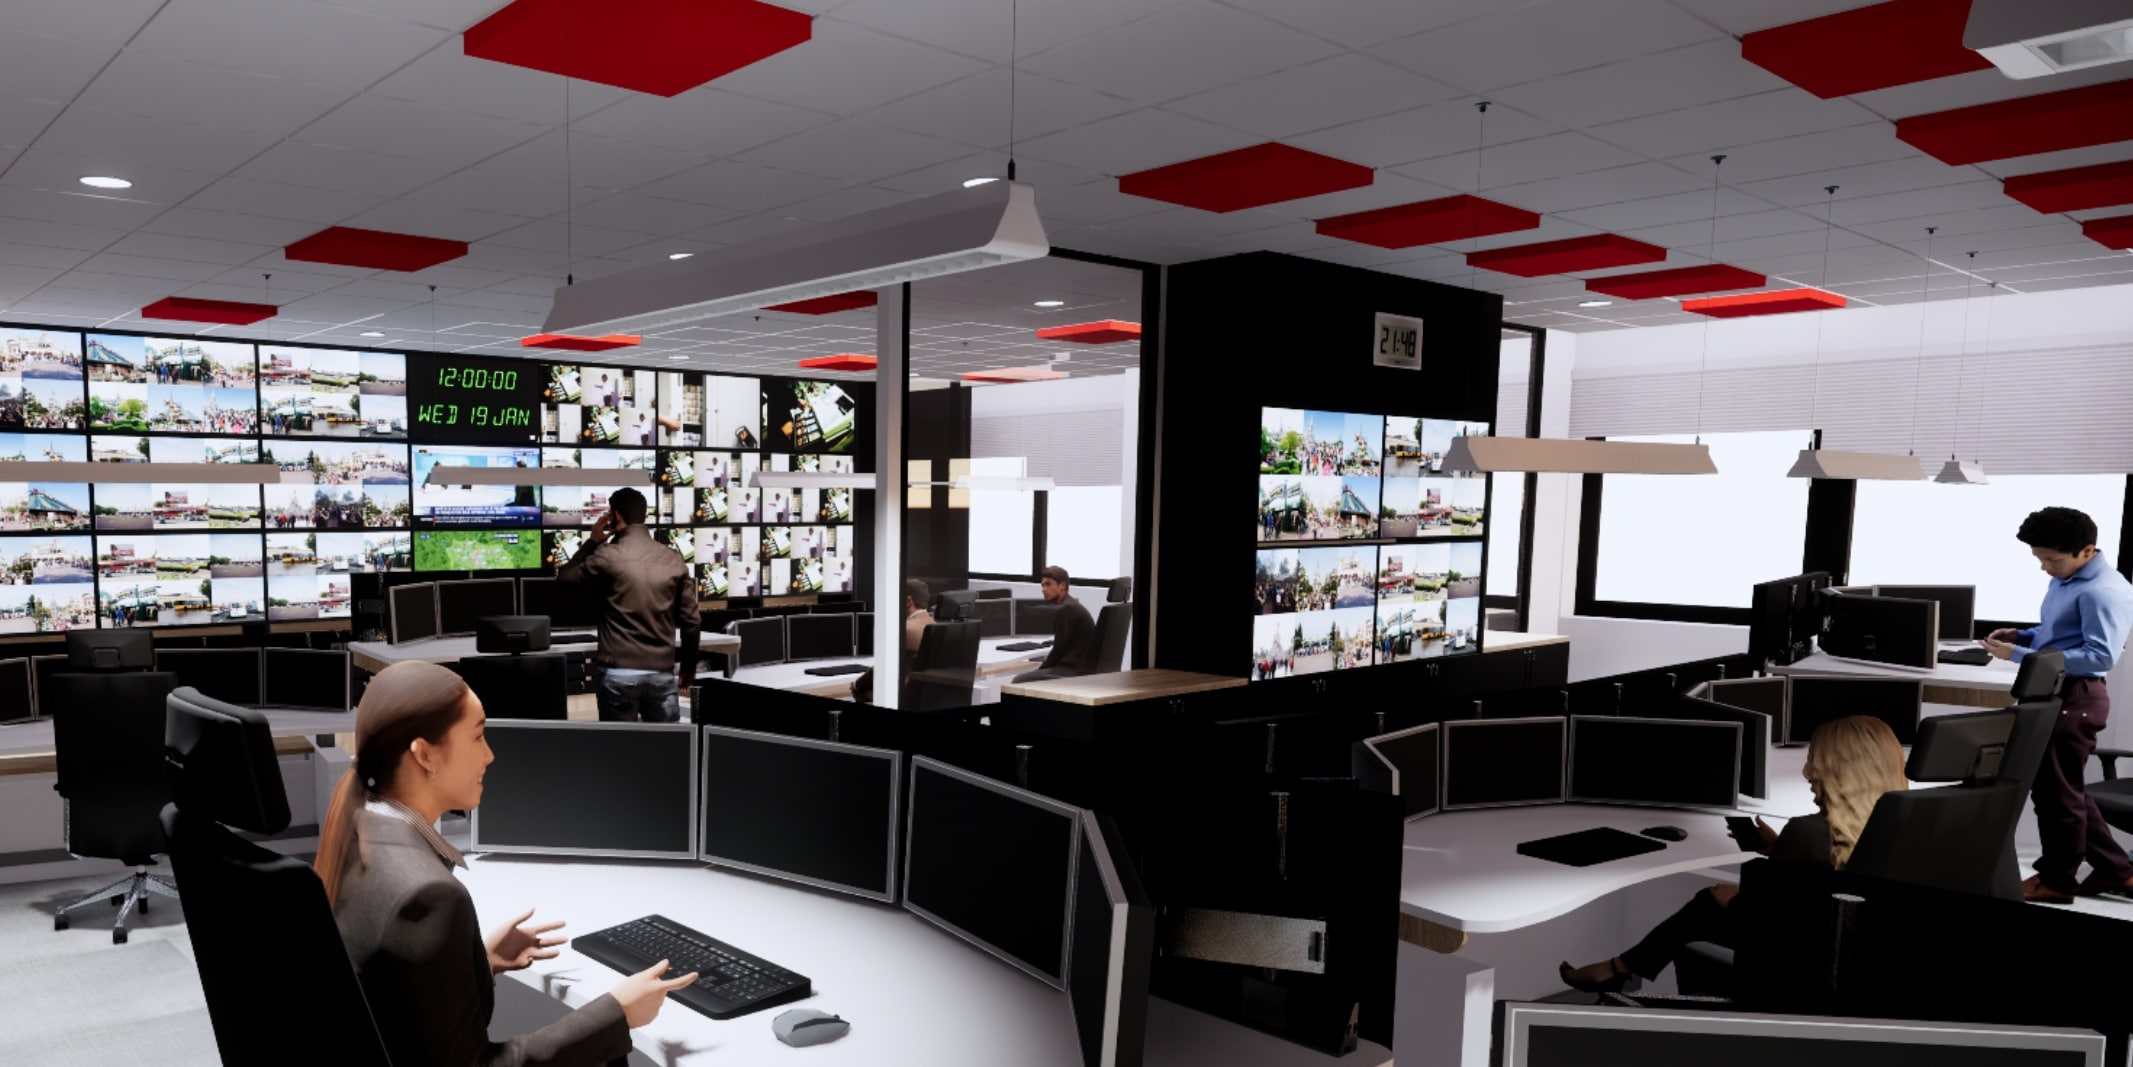 mobilier ergonomique pc sécurité sûretésalle de controle salle de supervision par SOA Agencement bureau d'études pour CSU, entreprises et industriels.